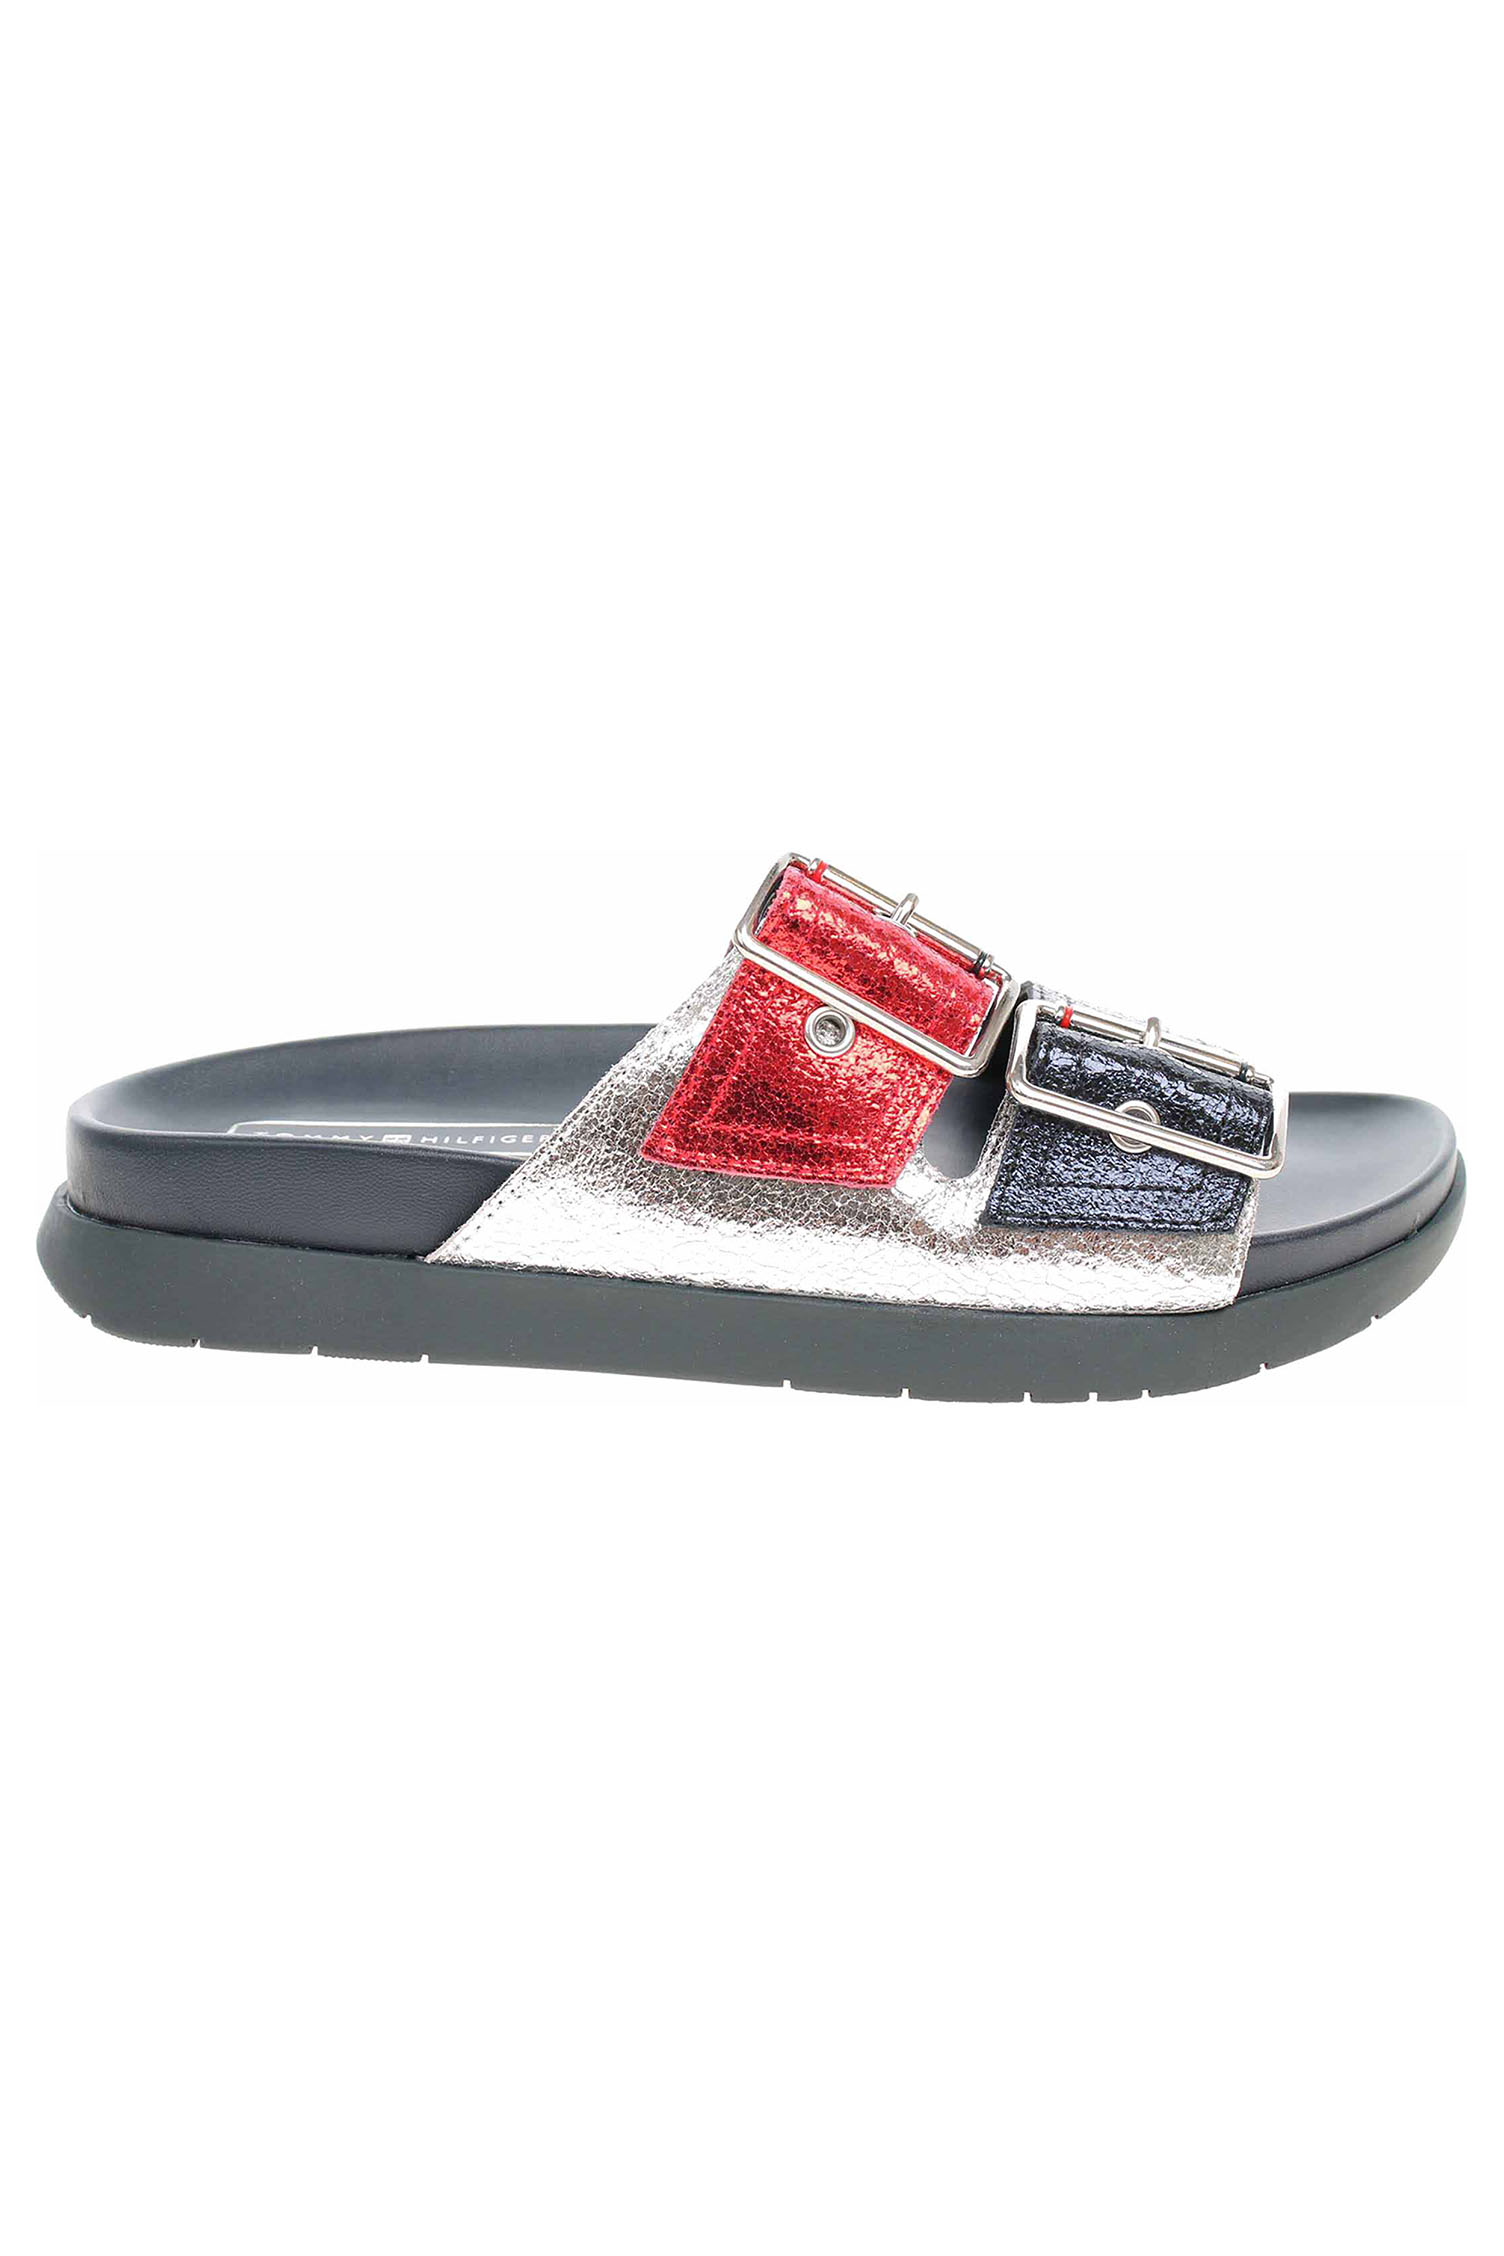 Tommy Hilfiger dámské pantofle FW0FW03805 rwb FW0FW03805 020 - Glami.sk ed54a9e7a5